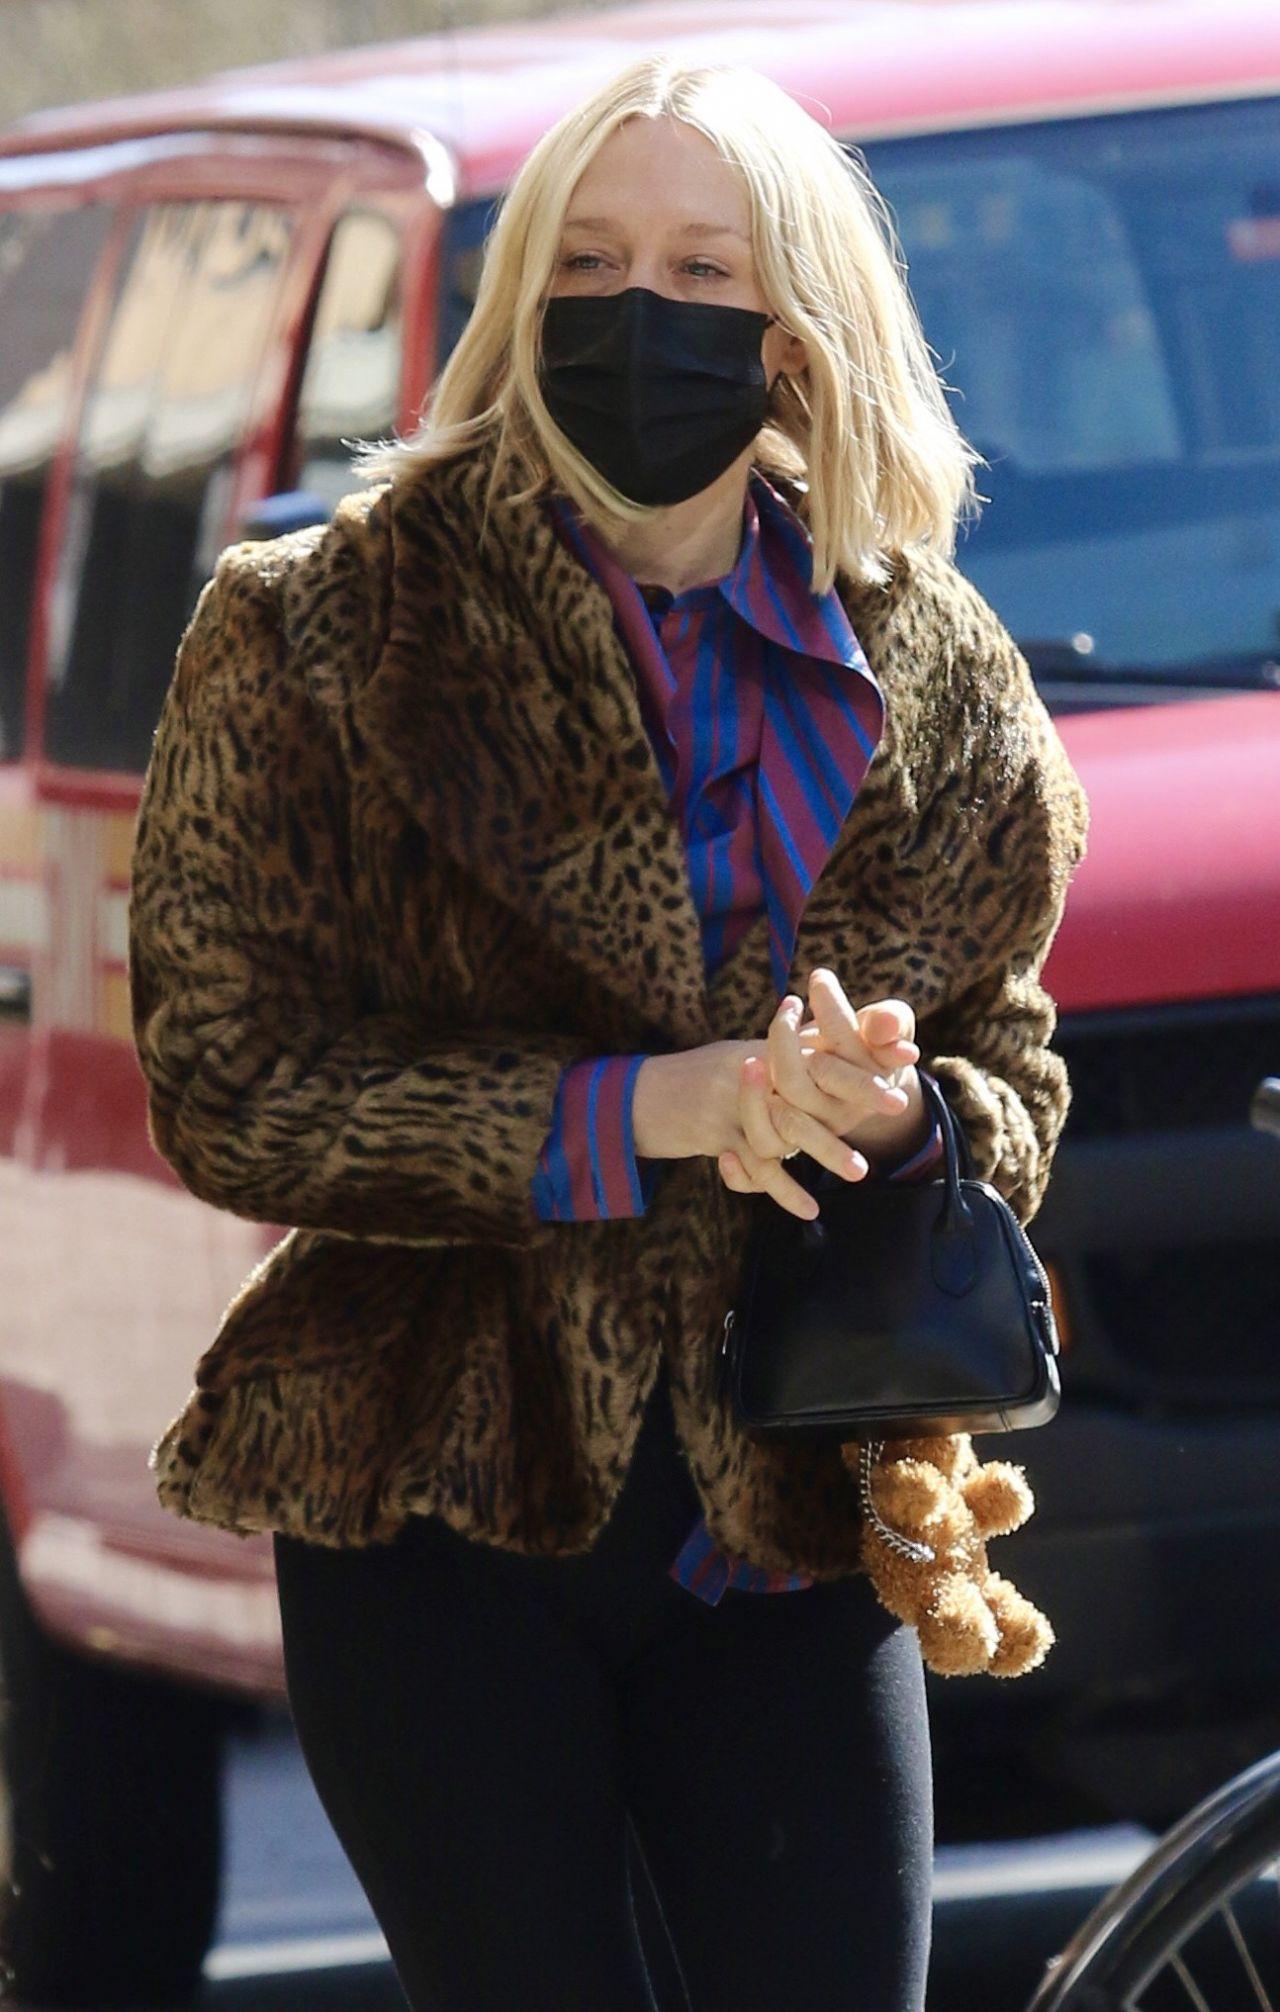 Американская 46-летняя актриса Хлоя Севиньи в Нью-Йорке (29.03.2021)